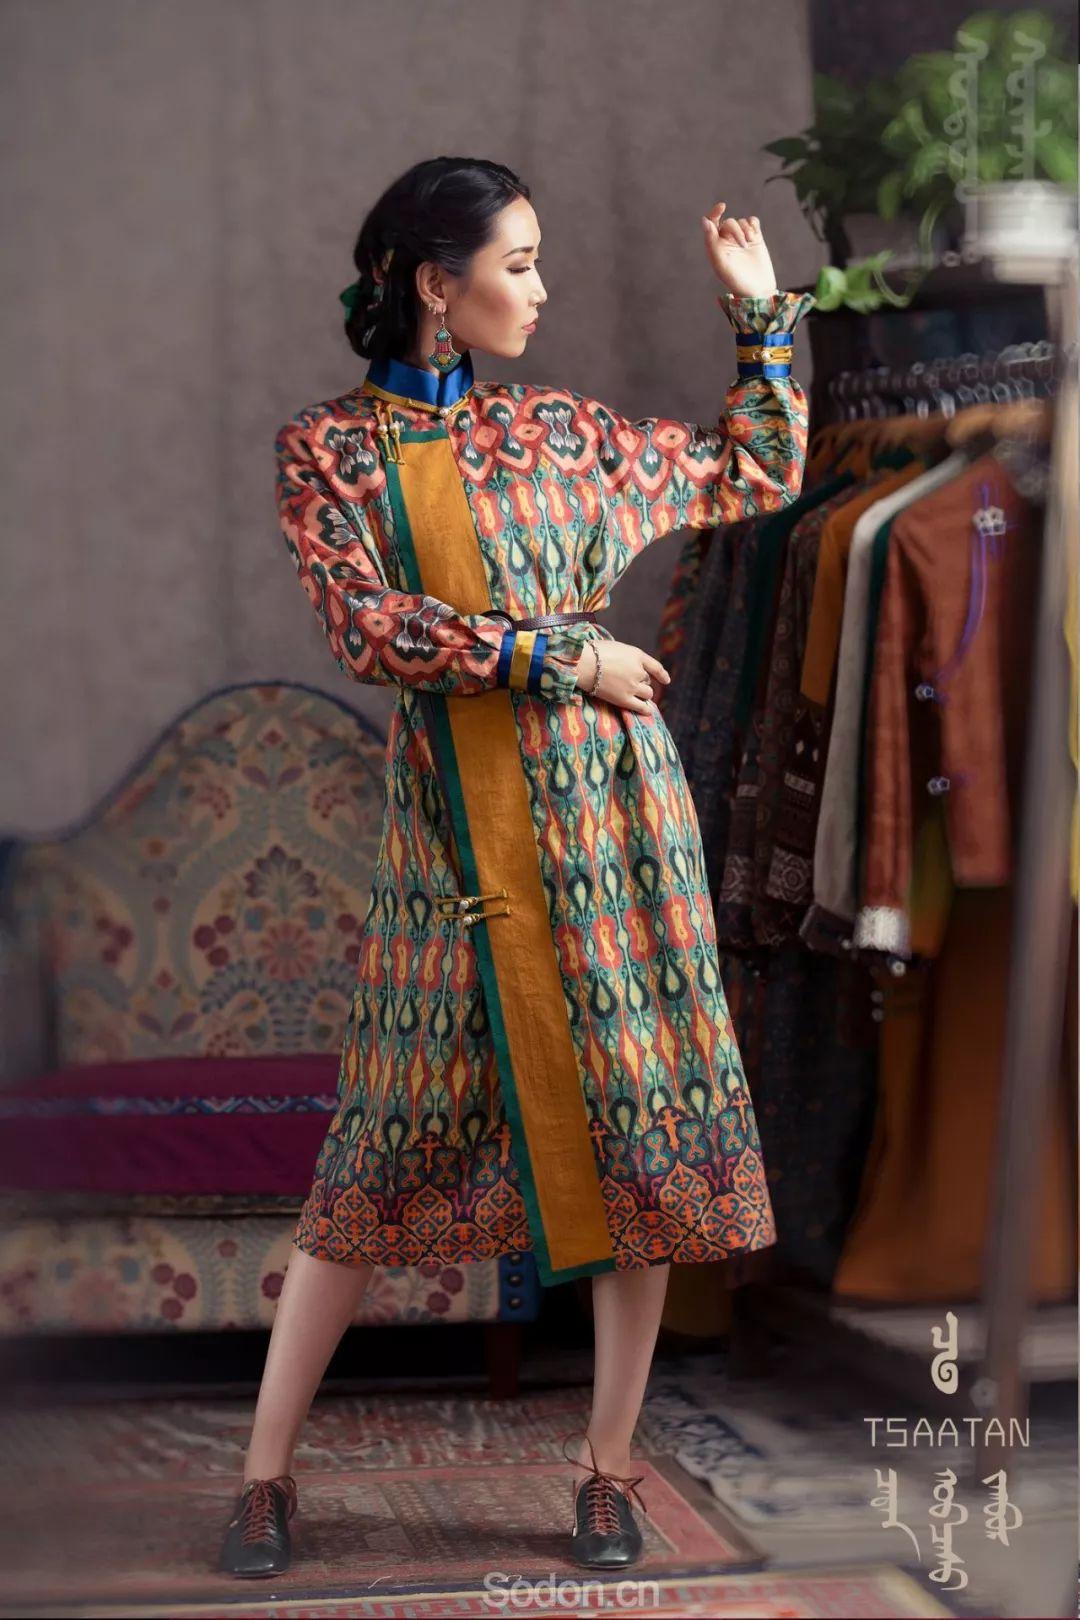 TSAATAN蒙古时装秋冬系列,来自驯鹿人的独特魅力! 第30张 TSAATAN蒙古时装秋冬系列,来自驯鹿人的独特魅力! 蒙古服饰